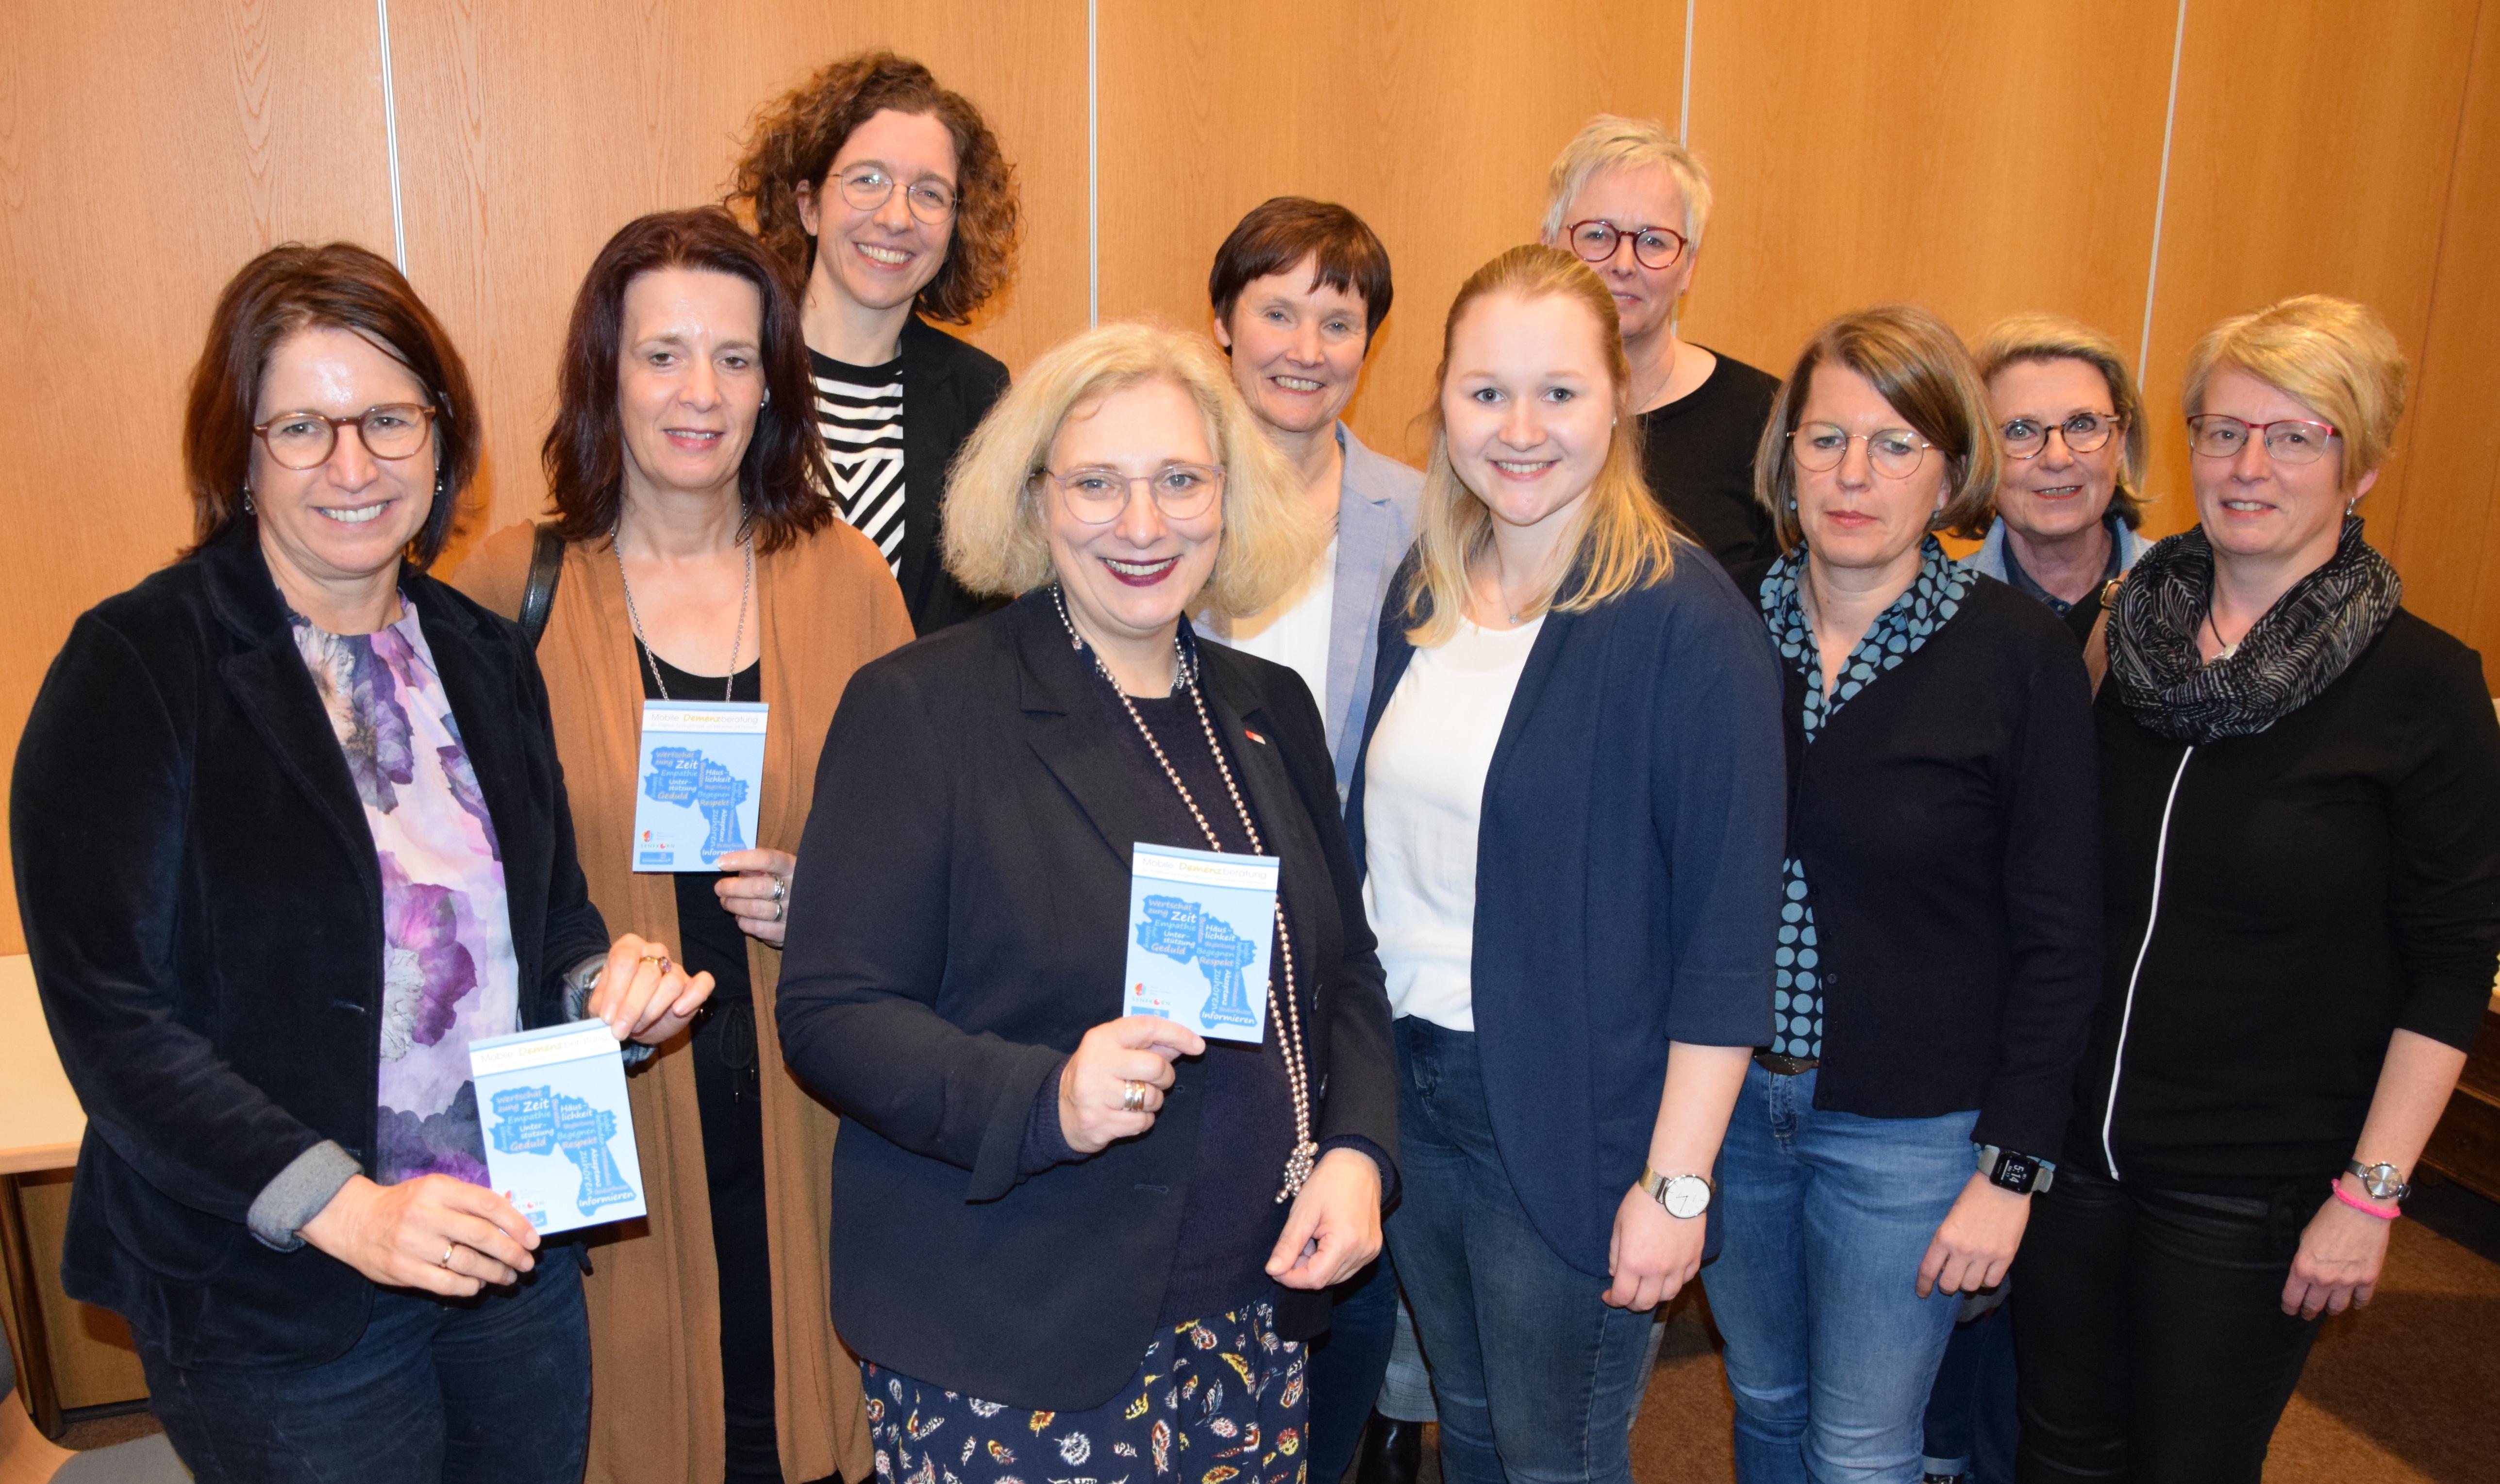 Dr. Daniela De Ridder zu Gast bei der Podiumsdiskussion des Mehrgenerationenhauses Senfkorn.